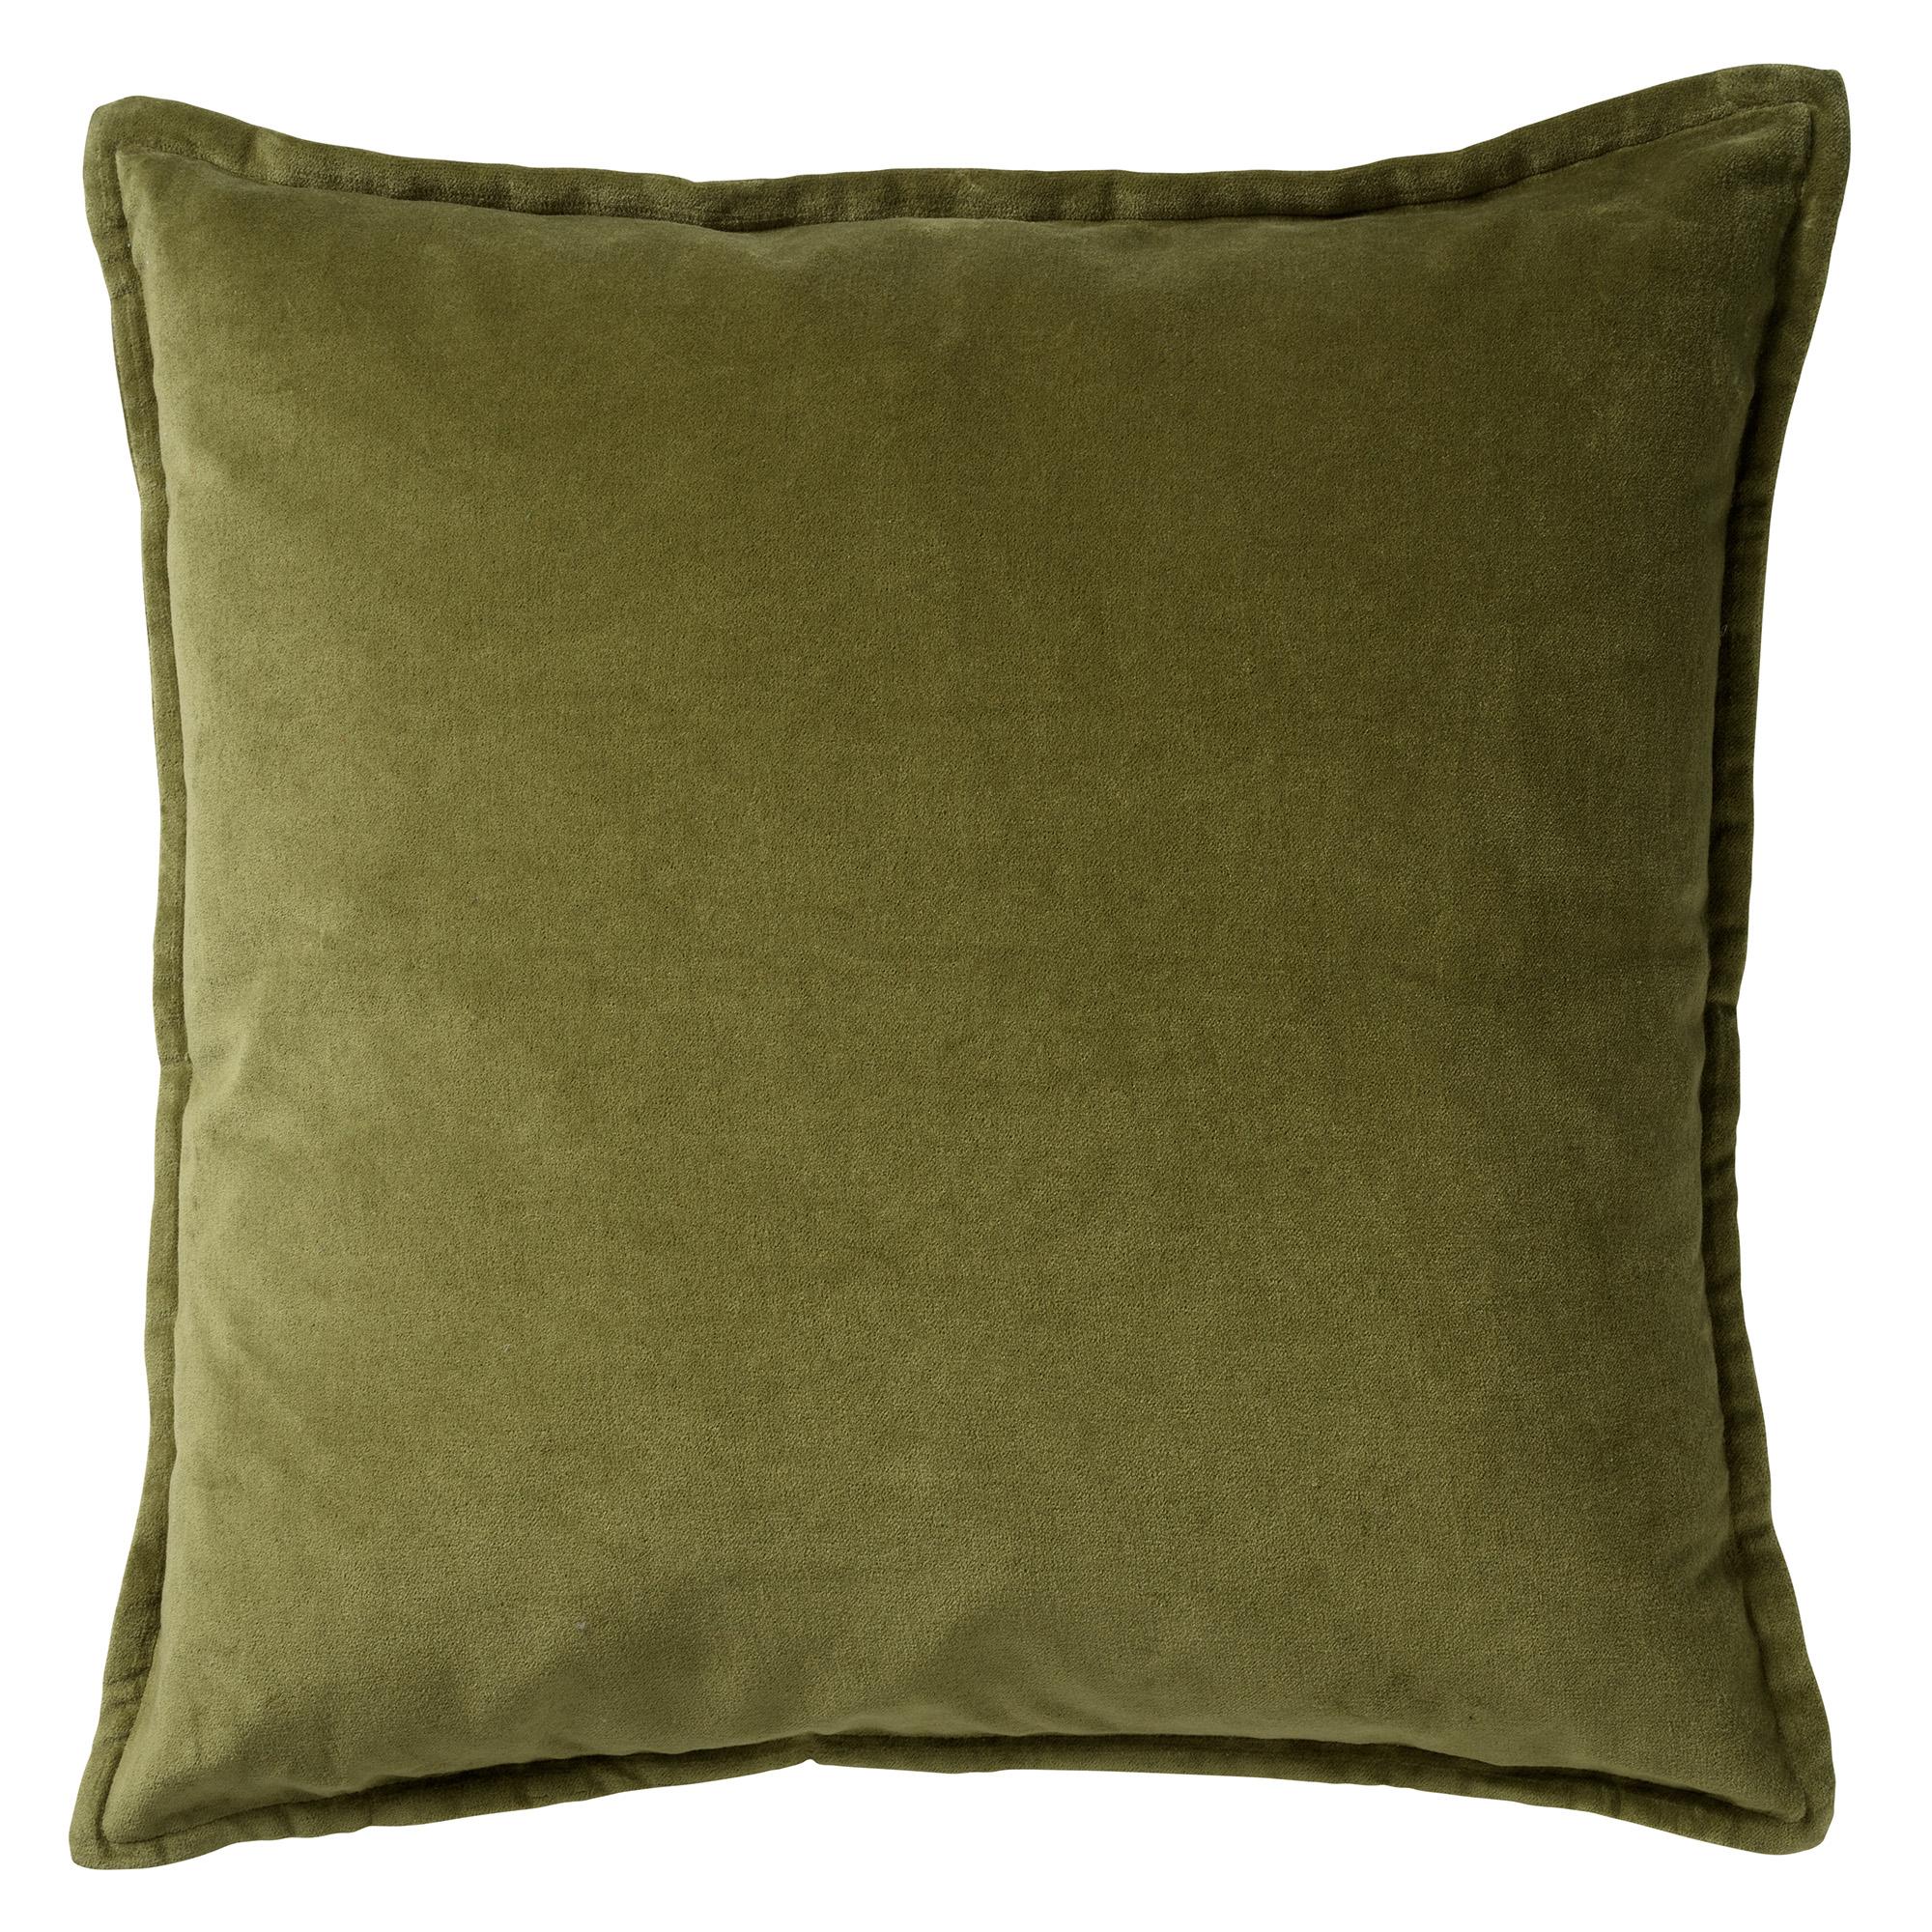 CAITH - Sierkussen velvet Calliste Green 50x50 cm